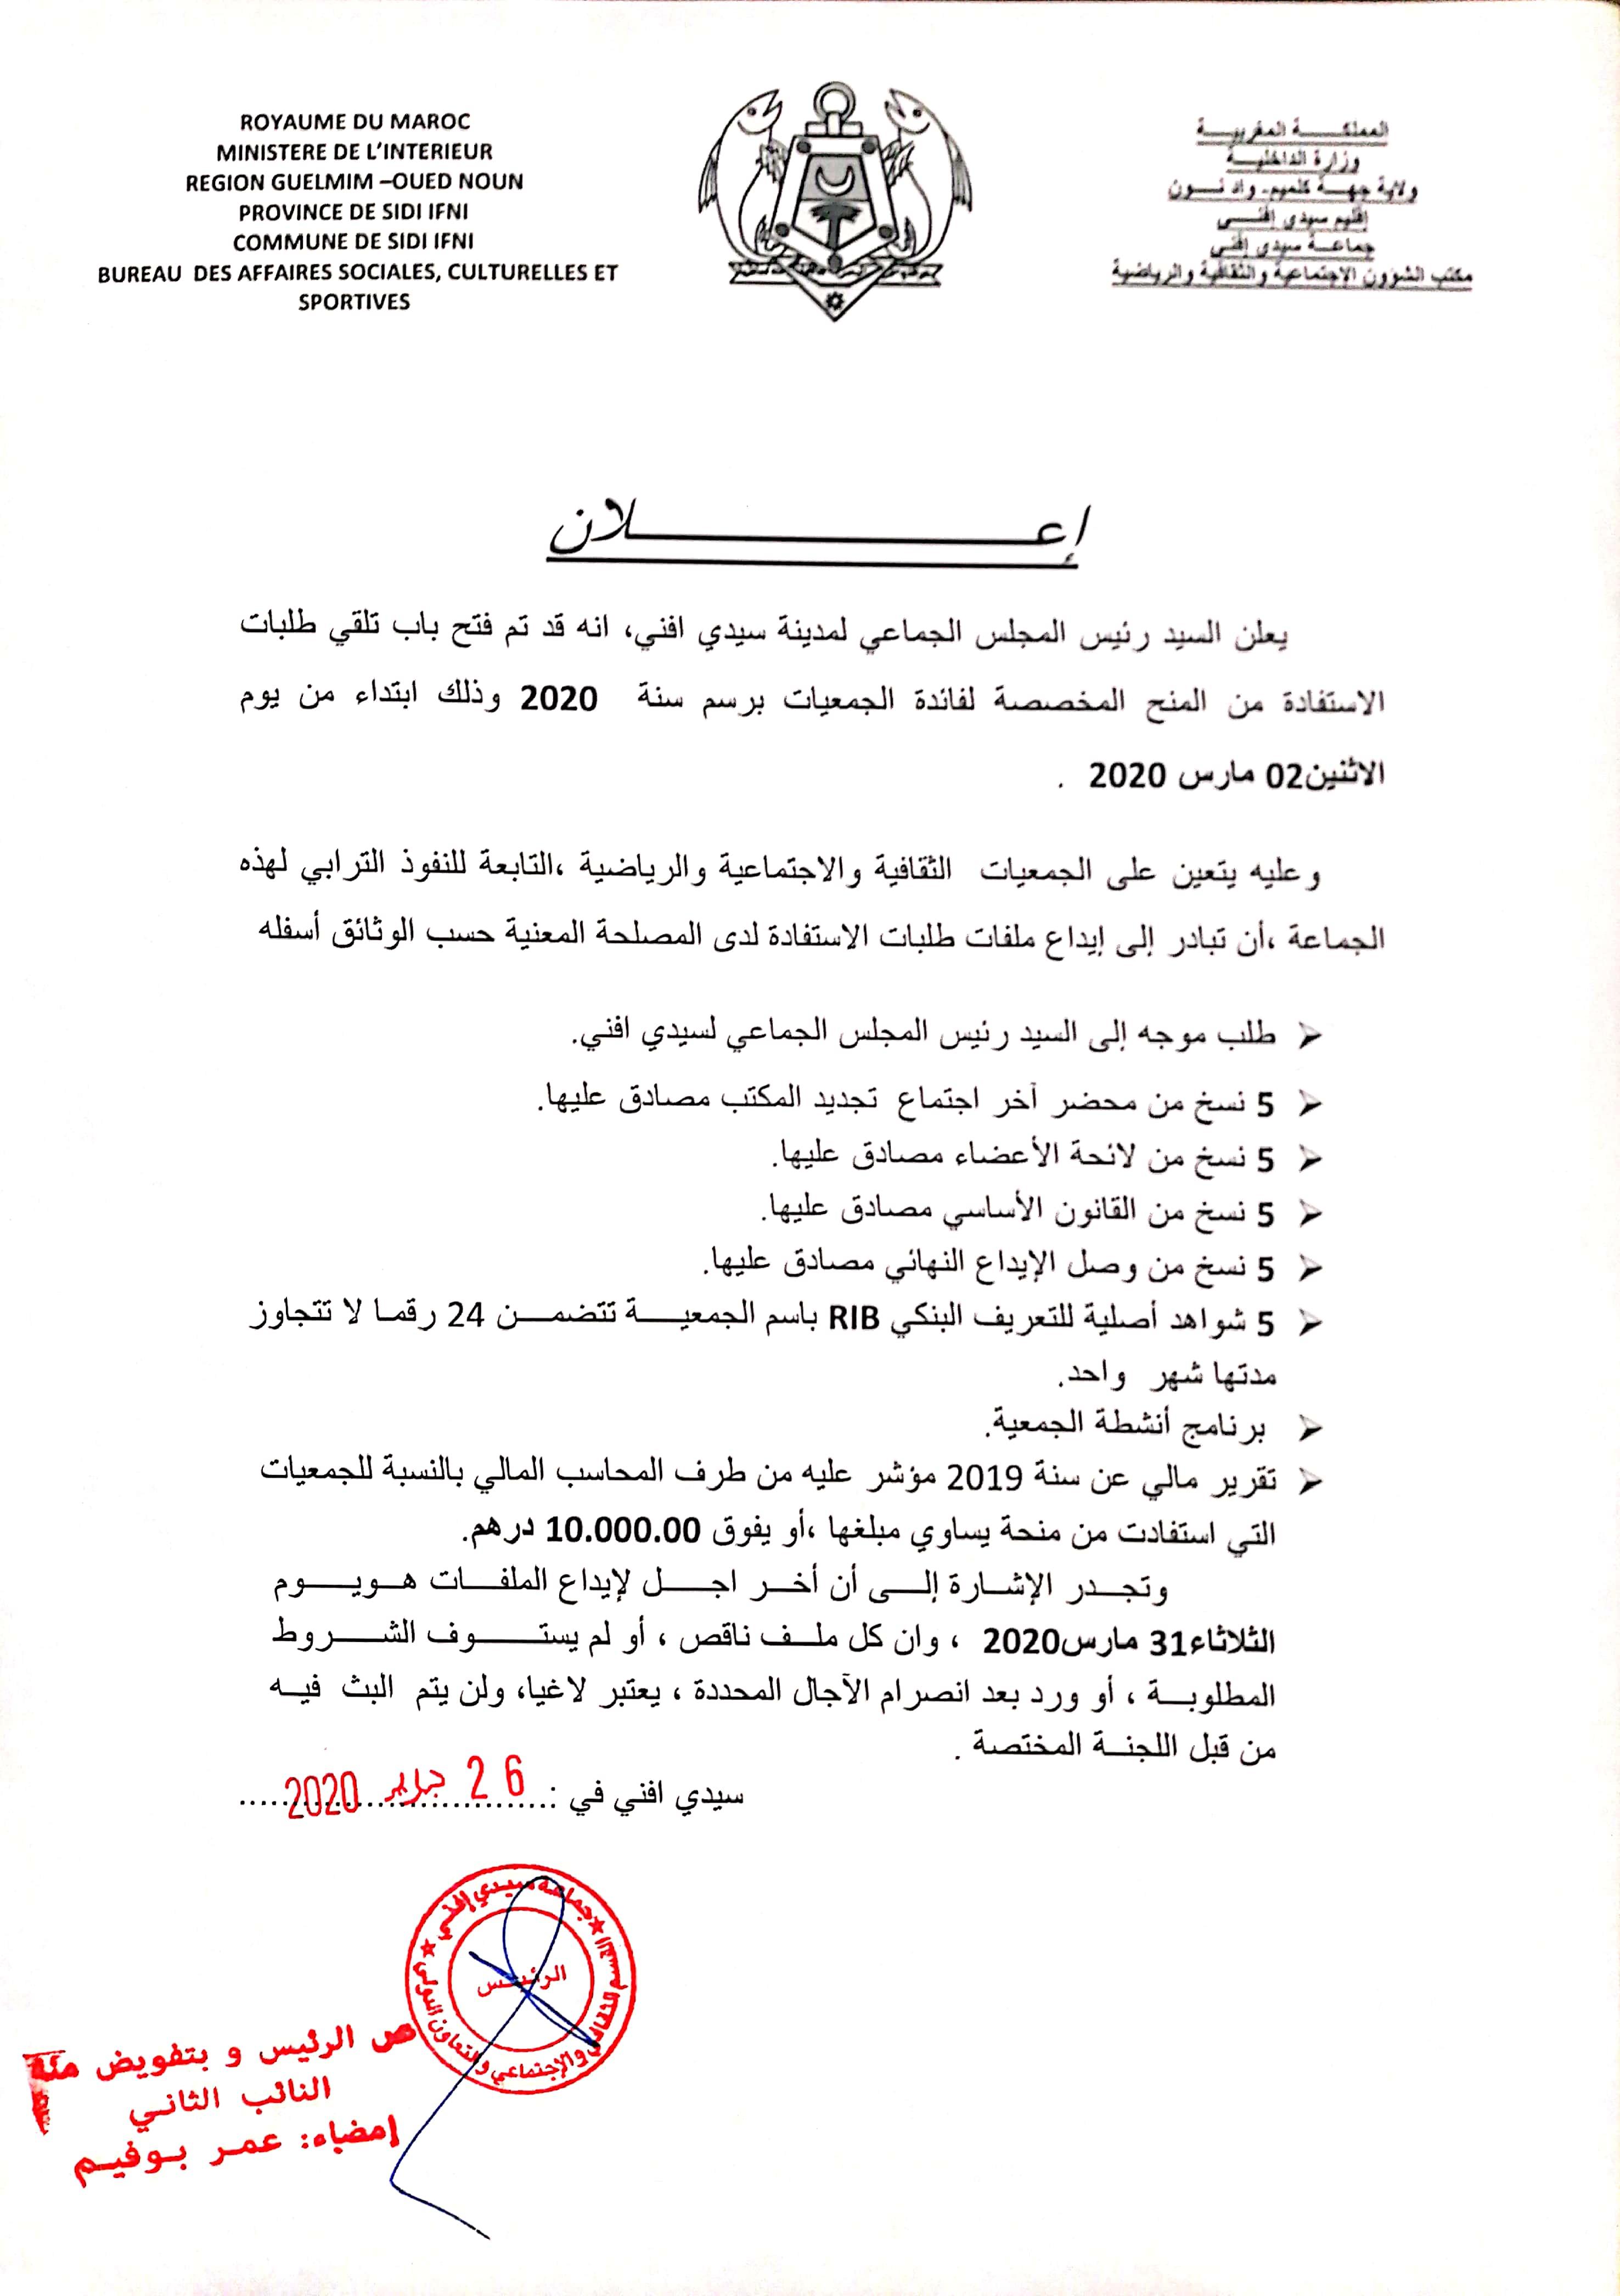 Nouveau document 2020-02-27 11.51.03_1